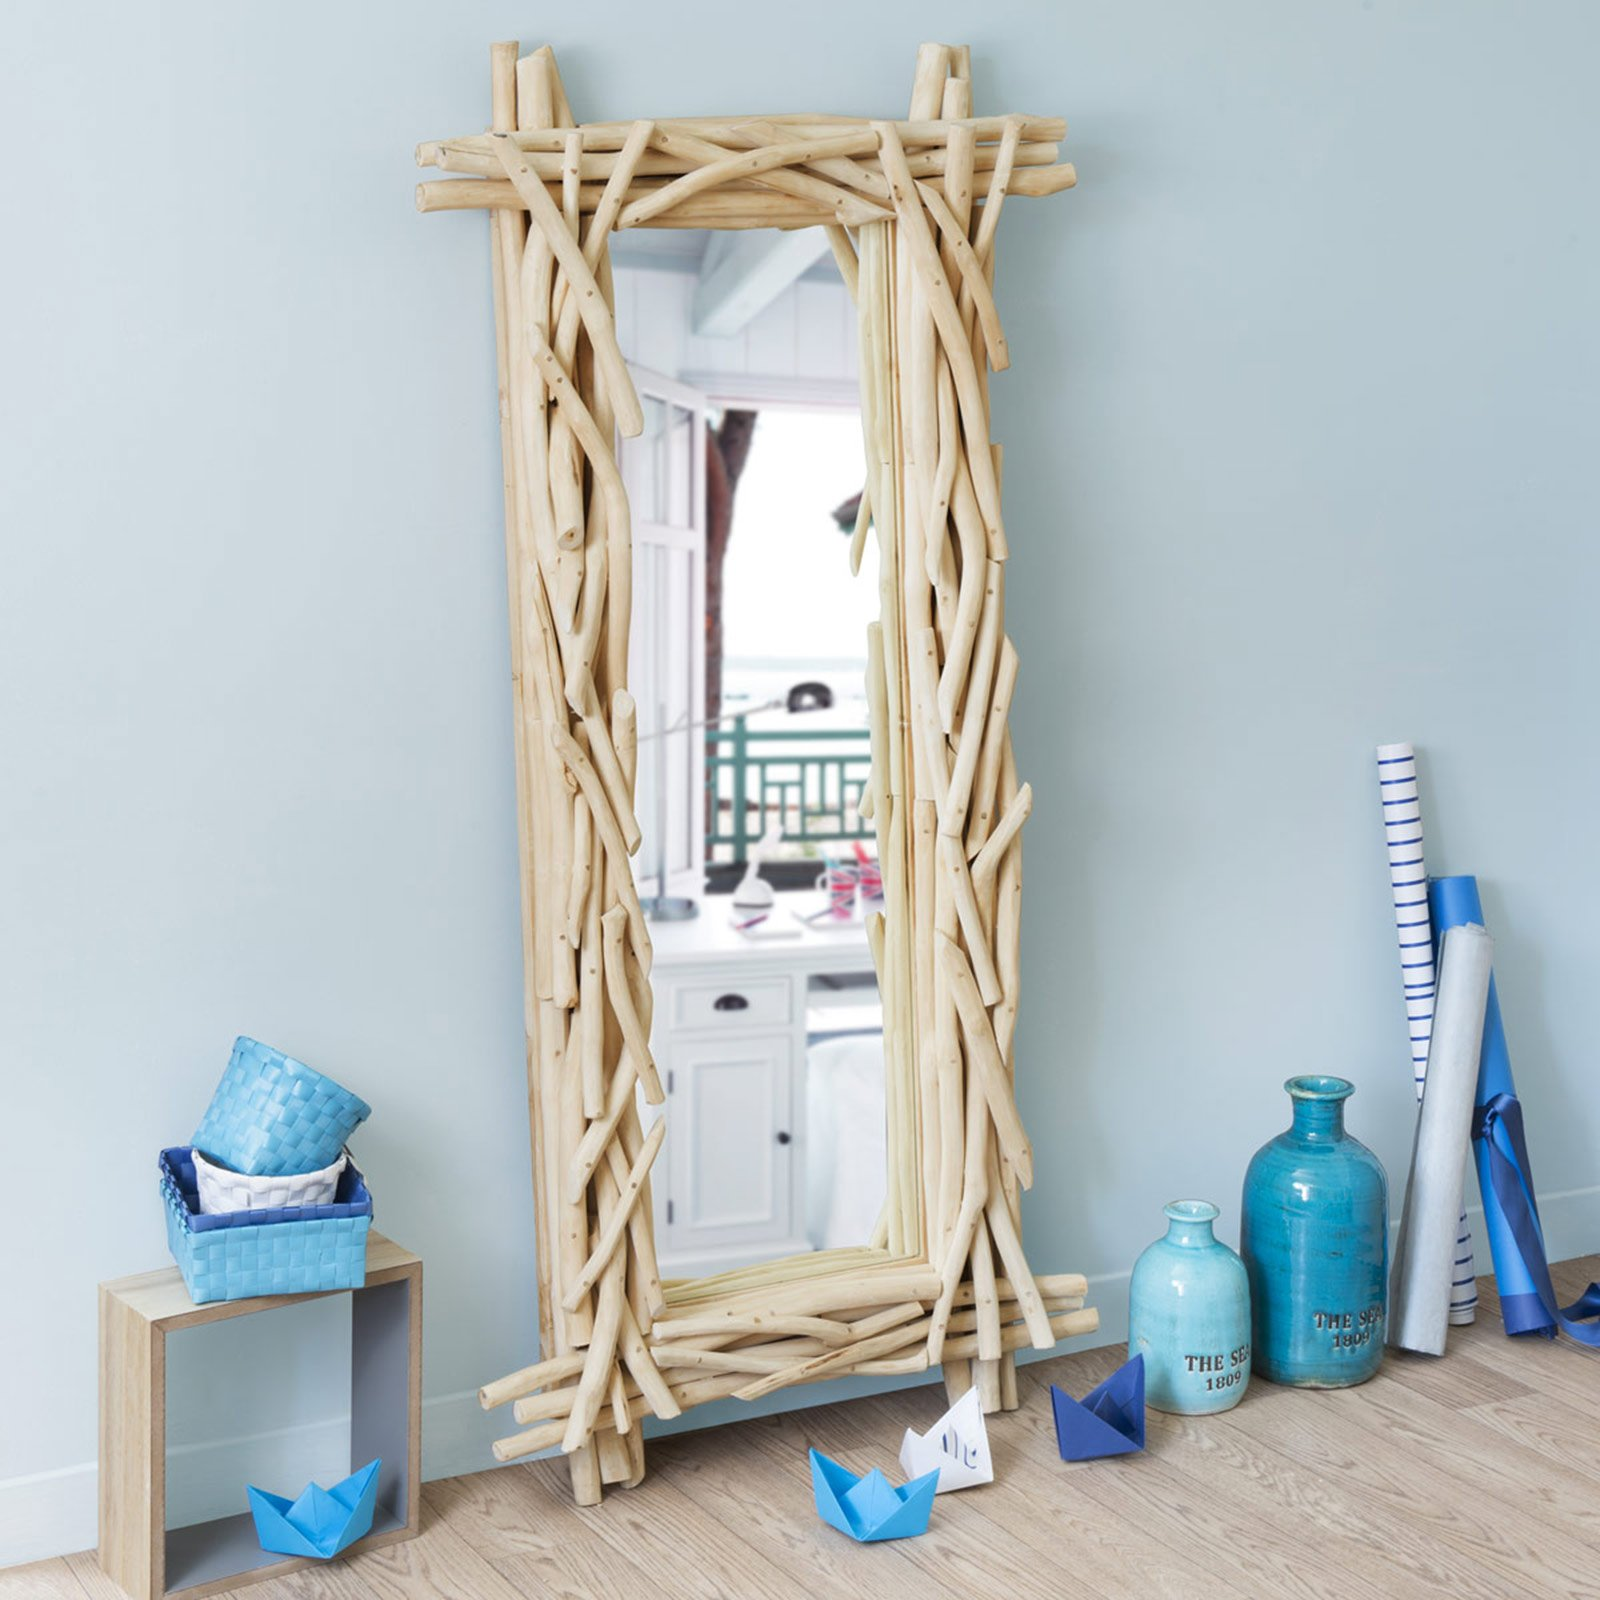 Specchi questione di riflessi cose di casa for Specchi di arredamento